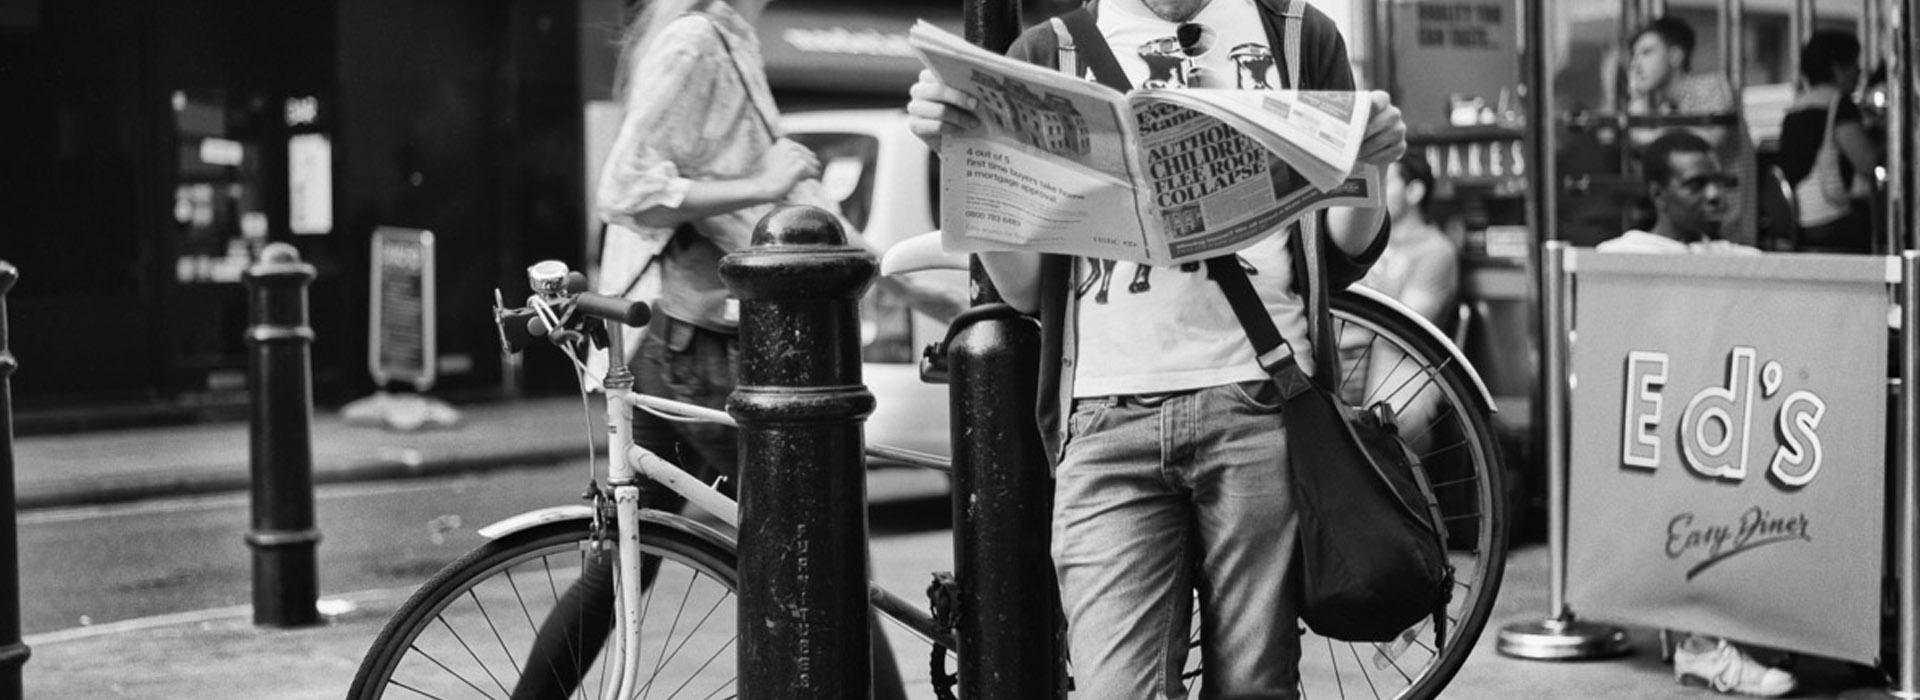 Ενημέρωση & Άρθρα